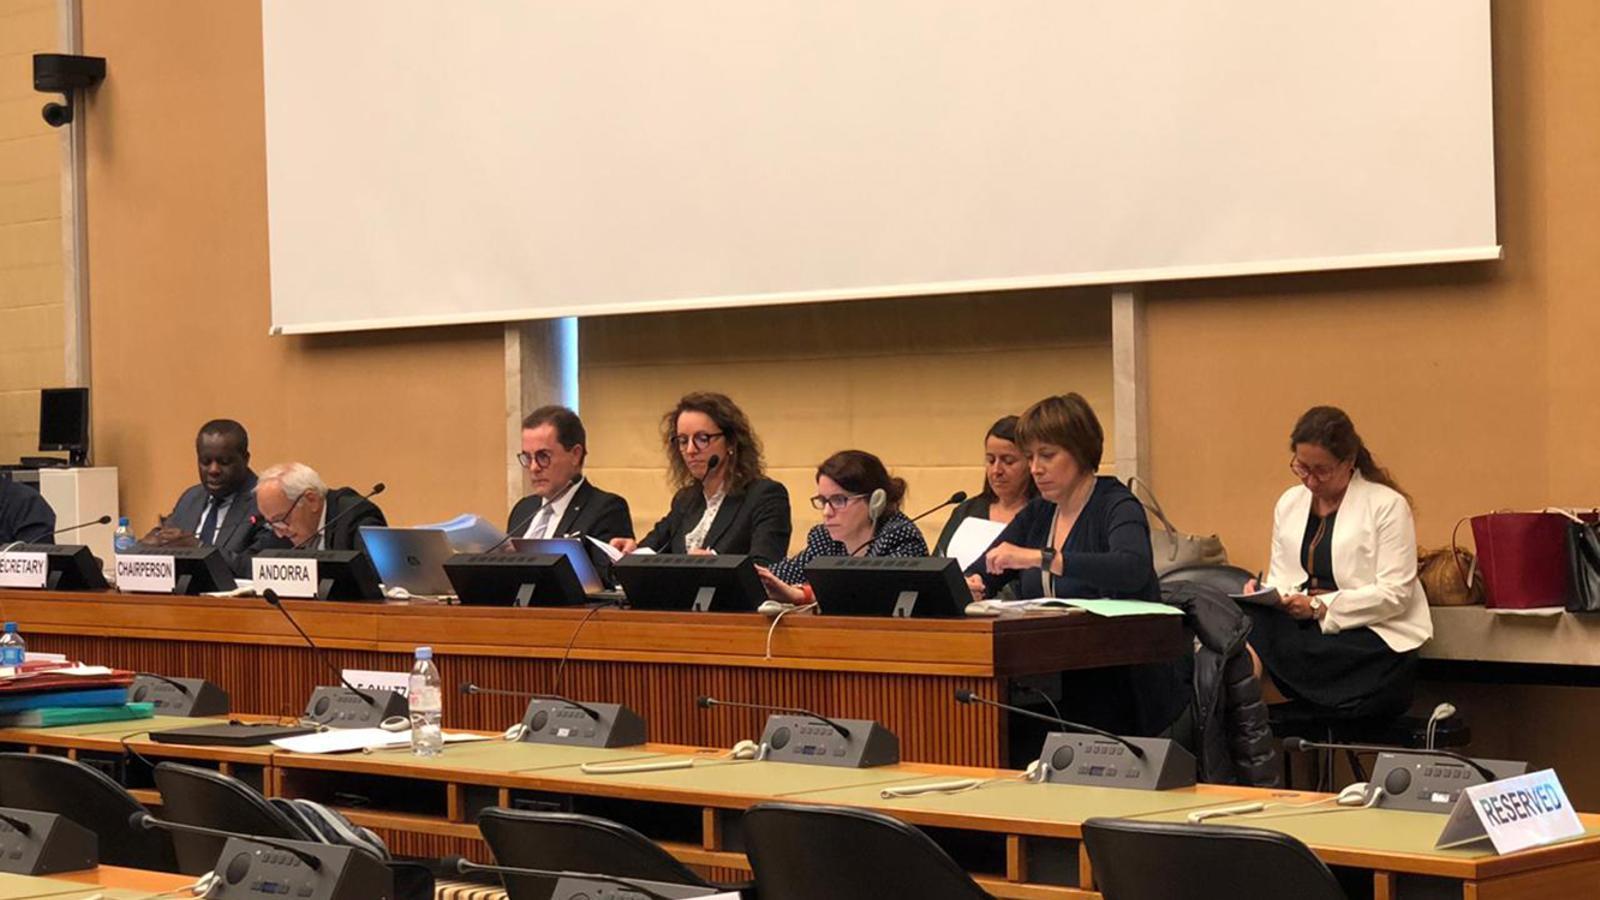 La intervenció dels representants andorrans davant el Comitè per a l'Eliminació de la Discriminació Racial. / SFG